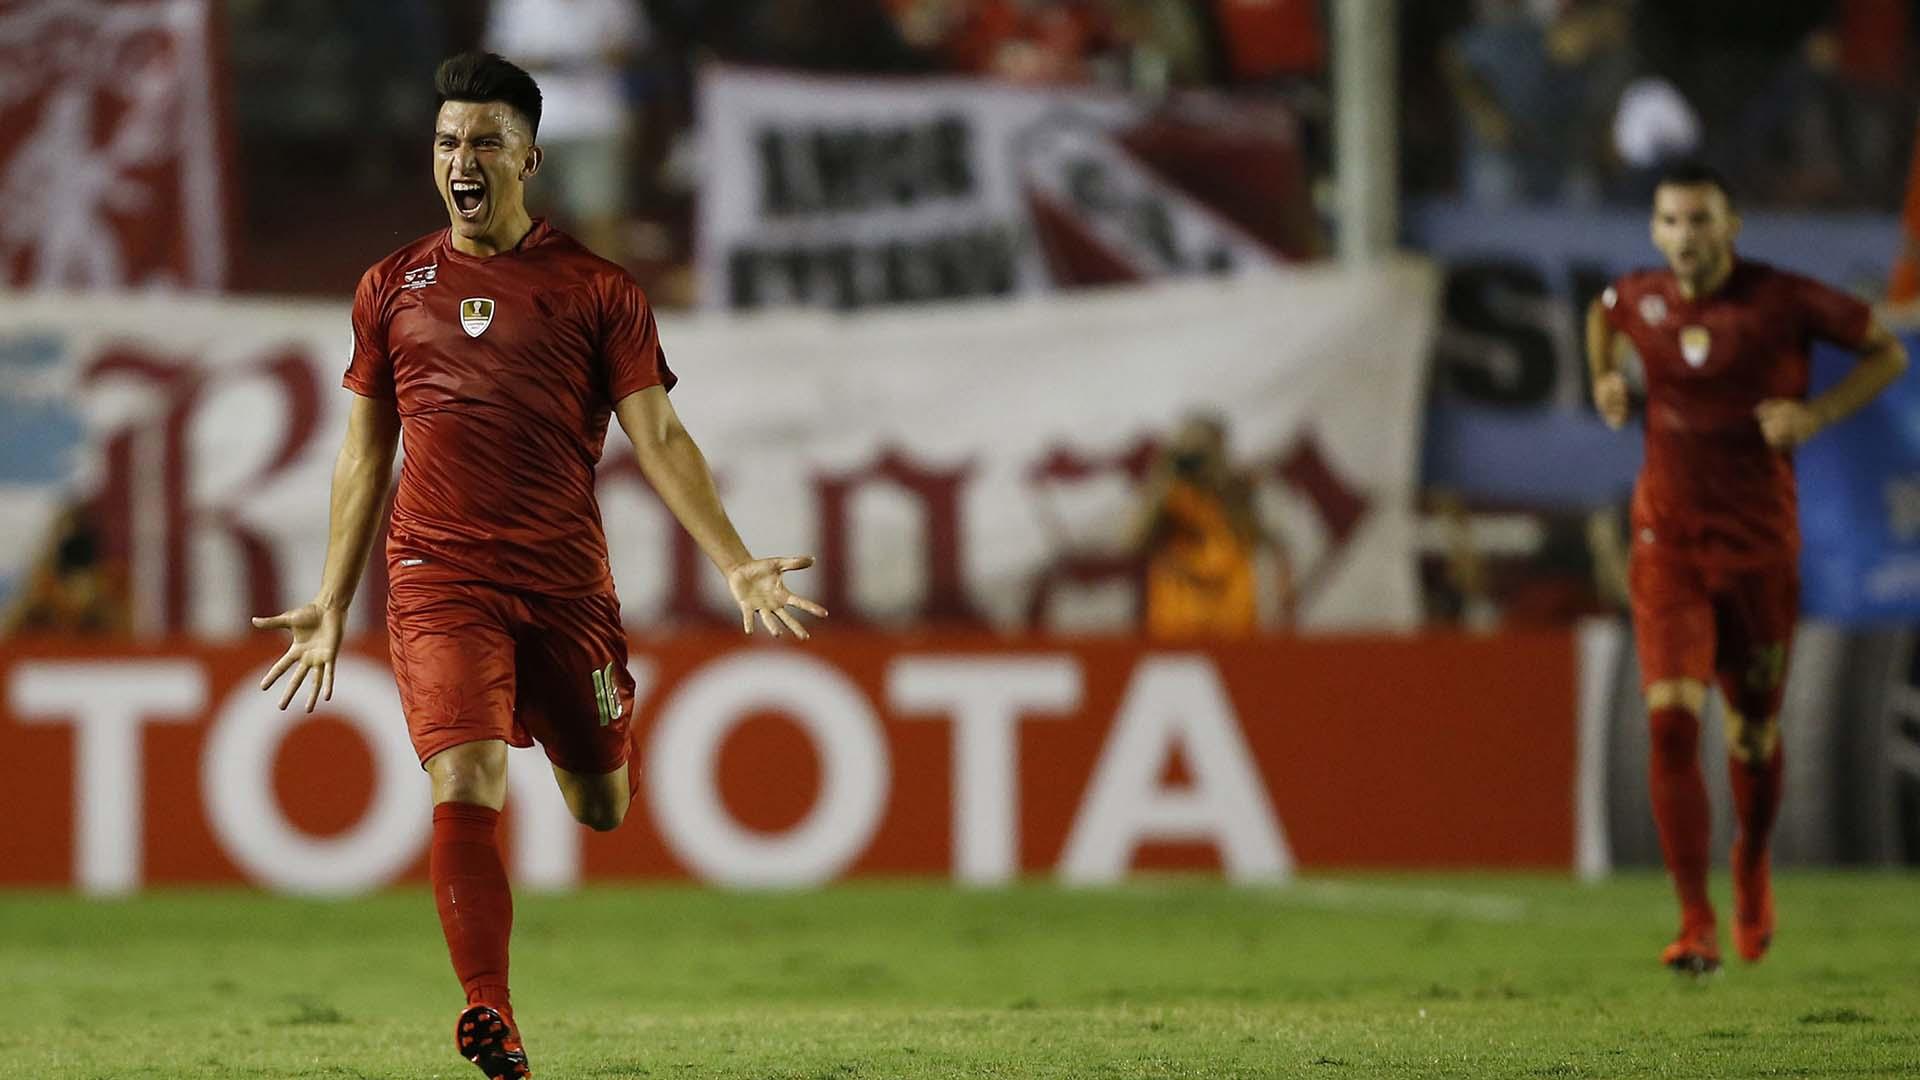 Independiente Rescat U00f3 Un Empate Y Define La Recopa En